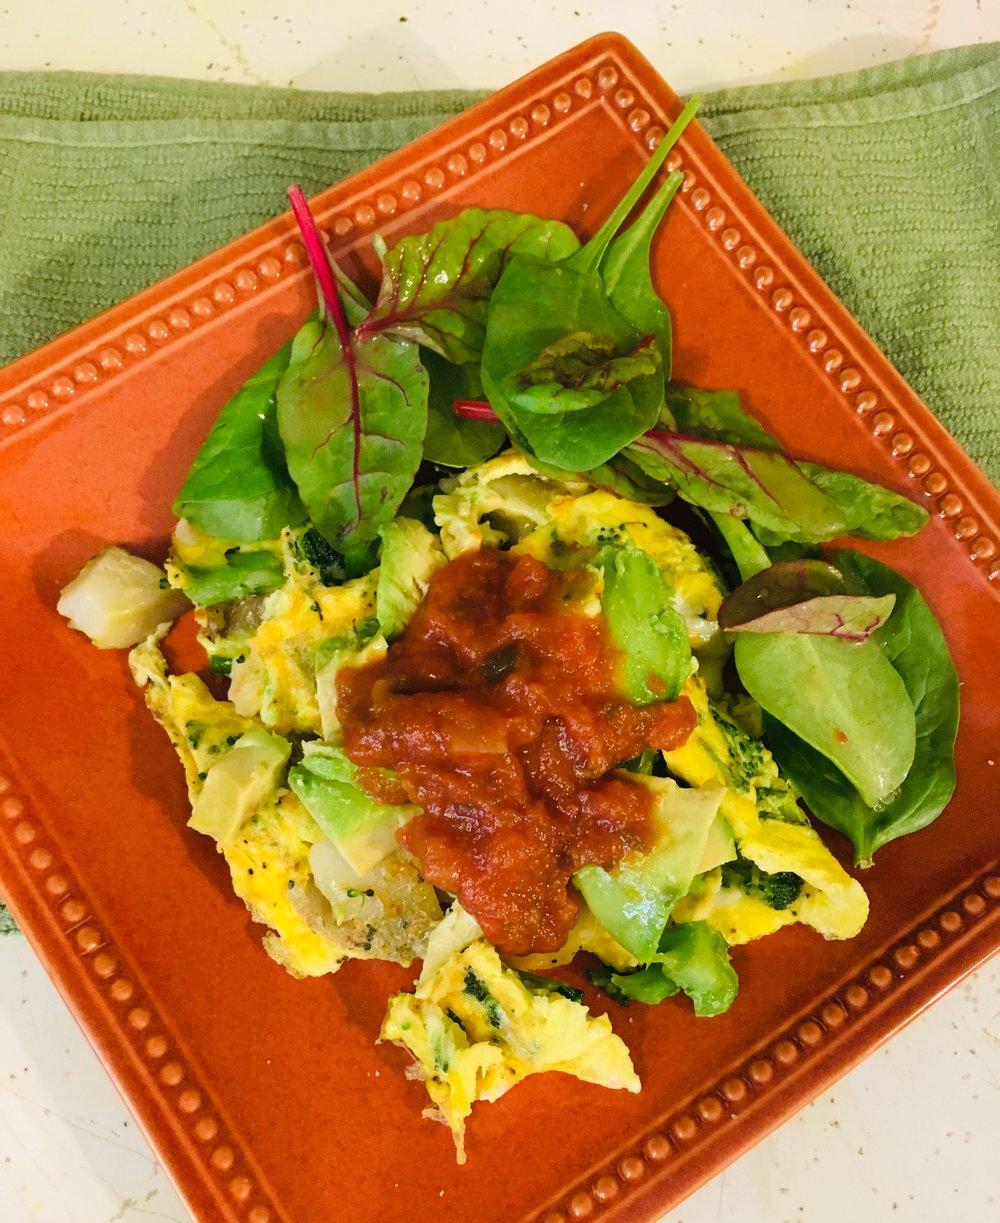 omelette meal.jpg